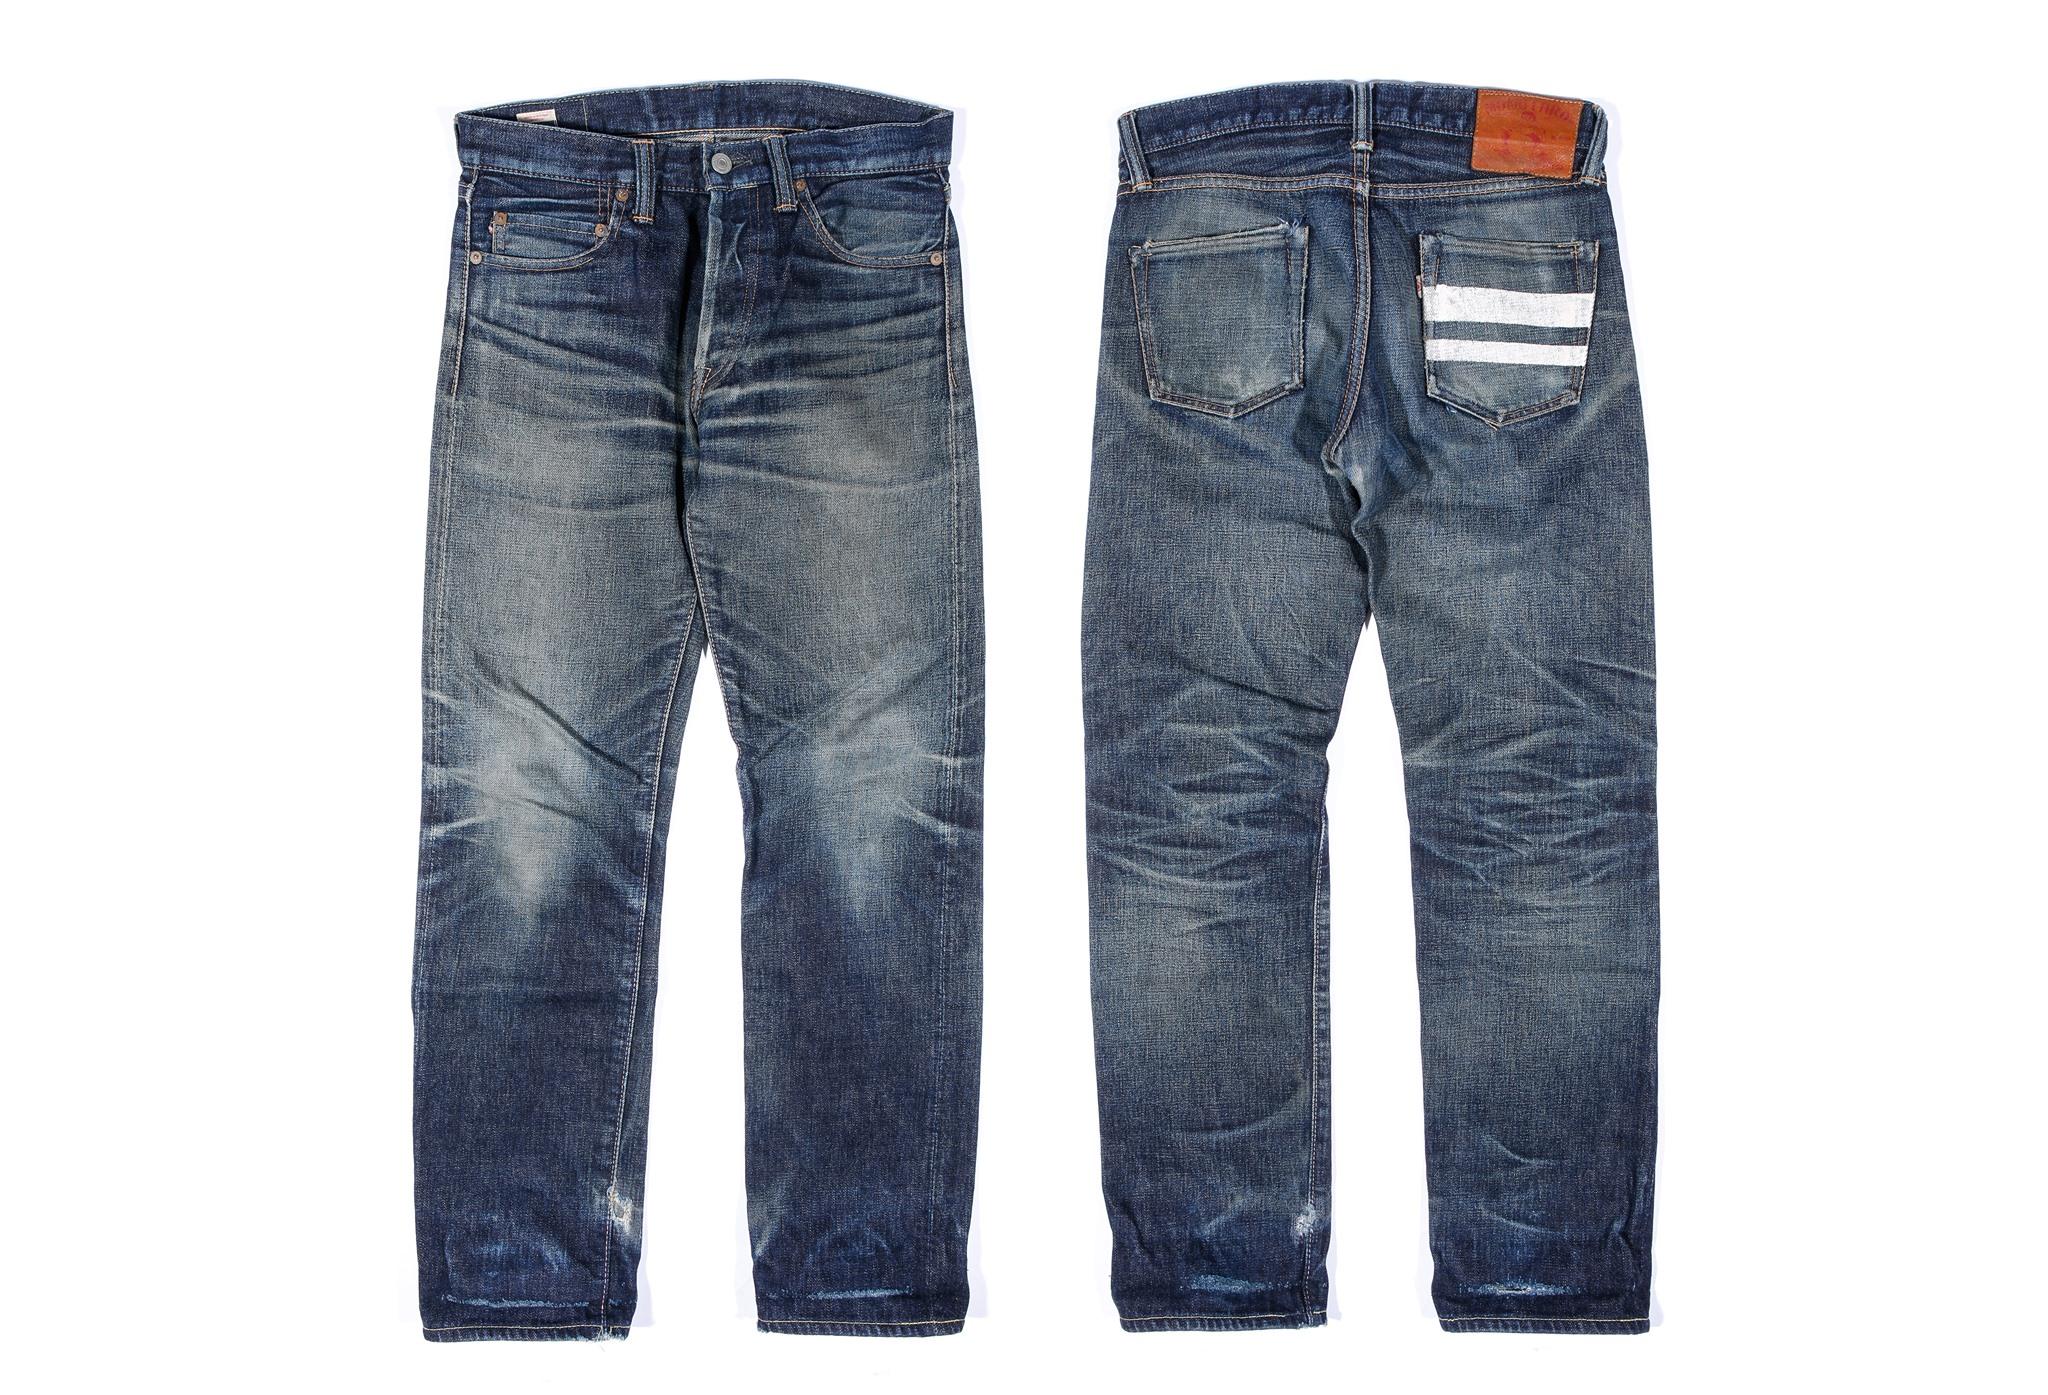 %e6%97%a5%e7%89%9b%e9%a4%8a%e6%88%90%e5%a4%a7%e5%8b%9f%e9%9b%86_momotaro-jeans_0705sp_%e5%8a%89%e9%81%94%e7%be%a9_2